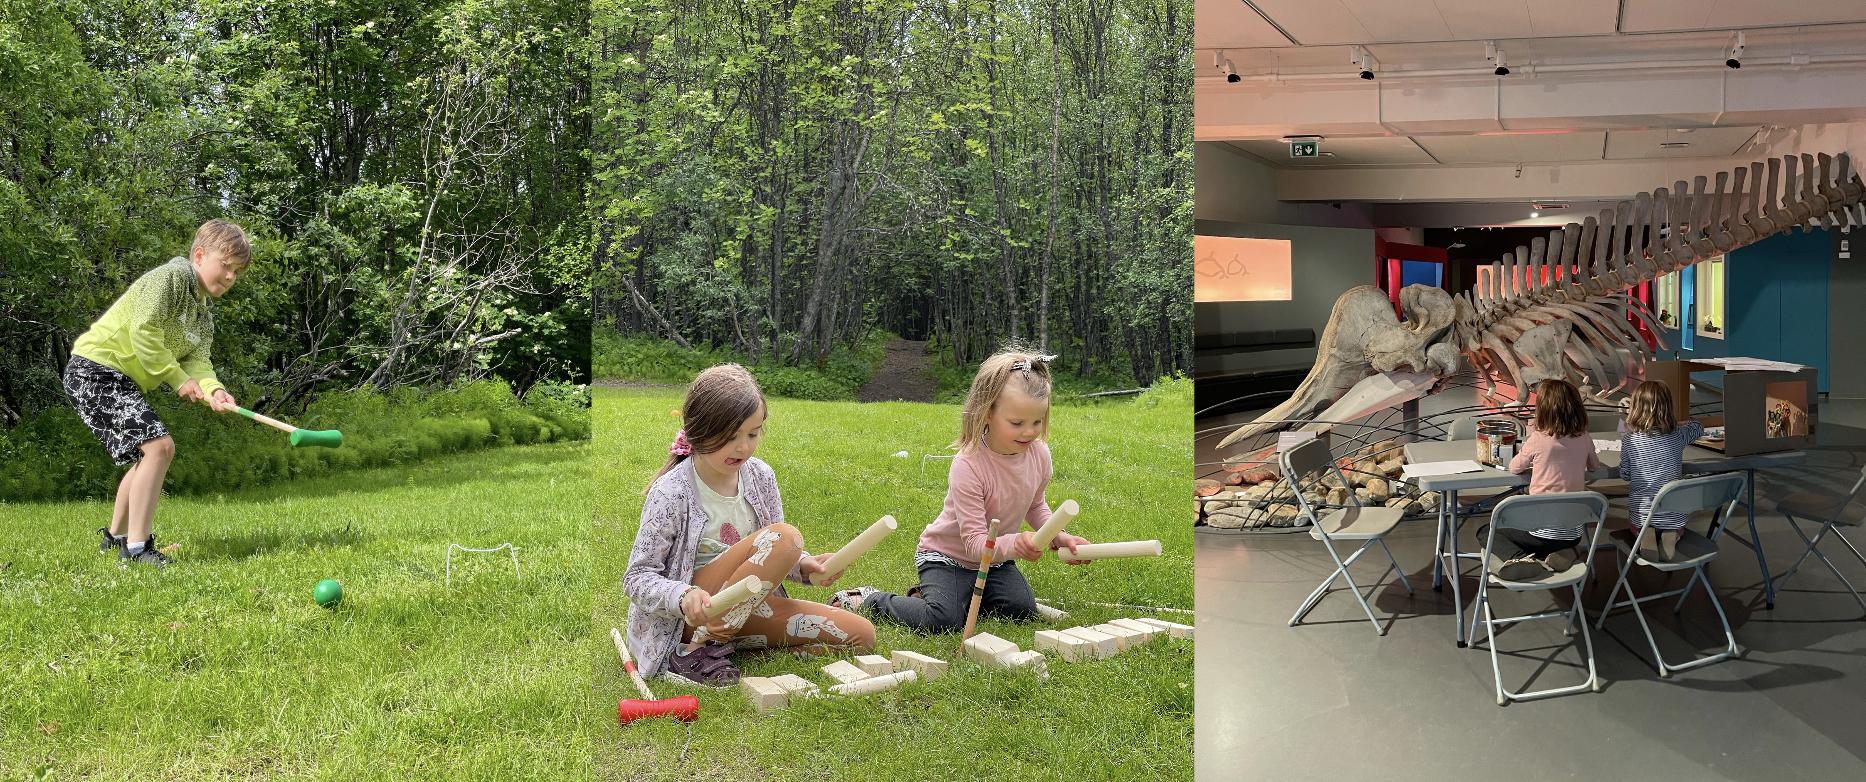 I sommer tilbyr vi aktiviteter både inne og ute